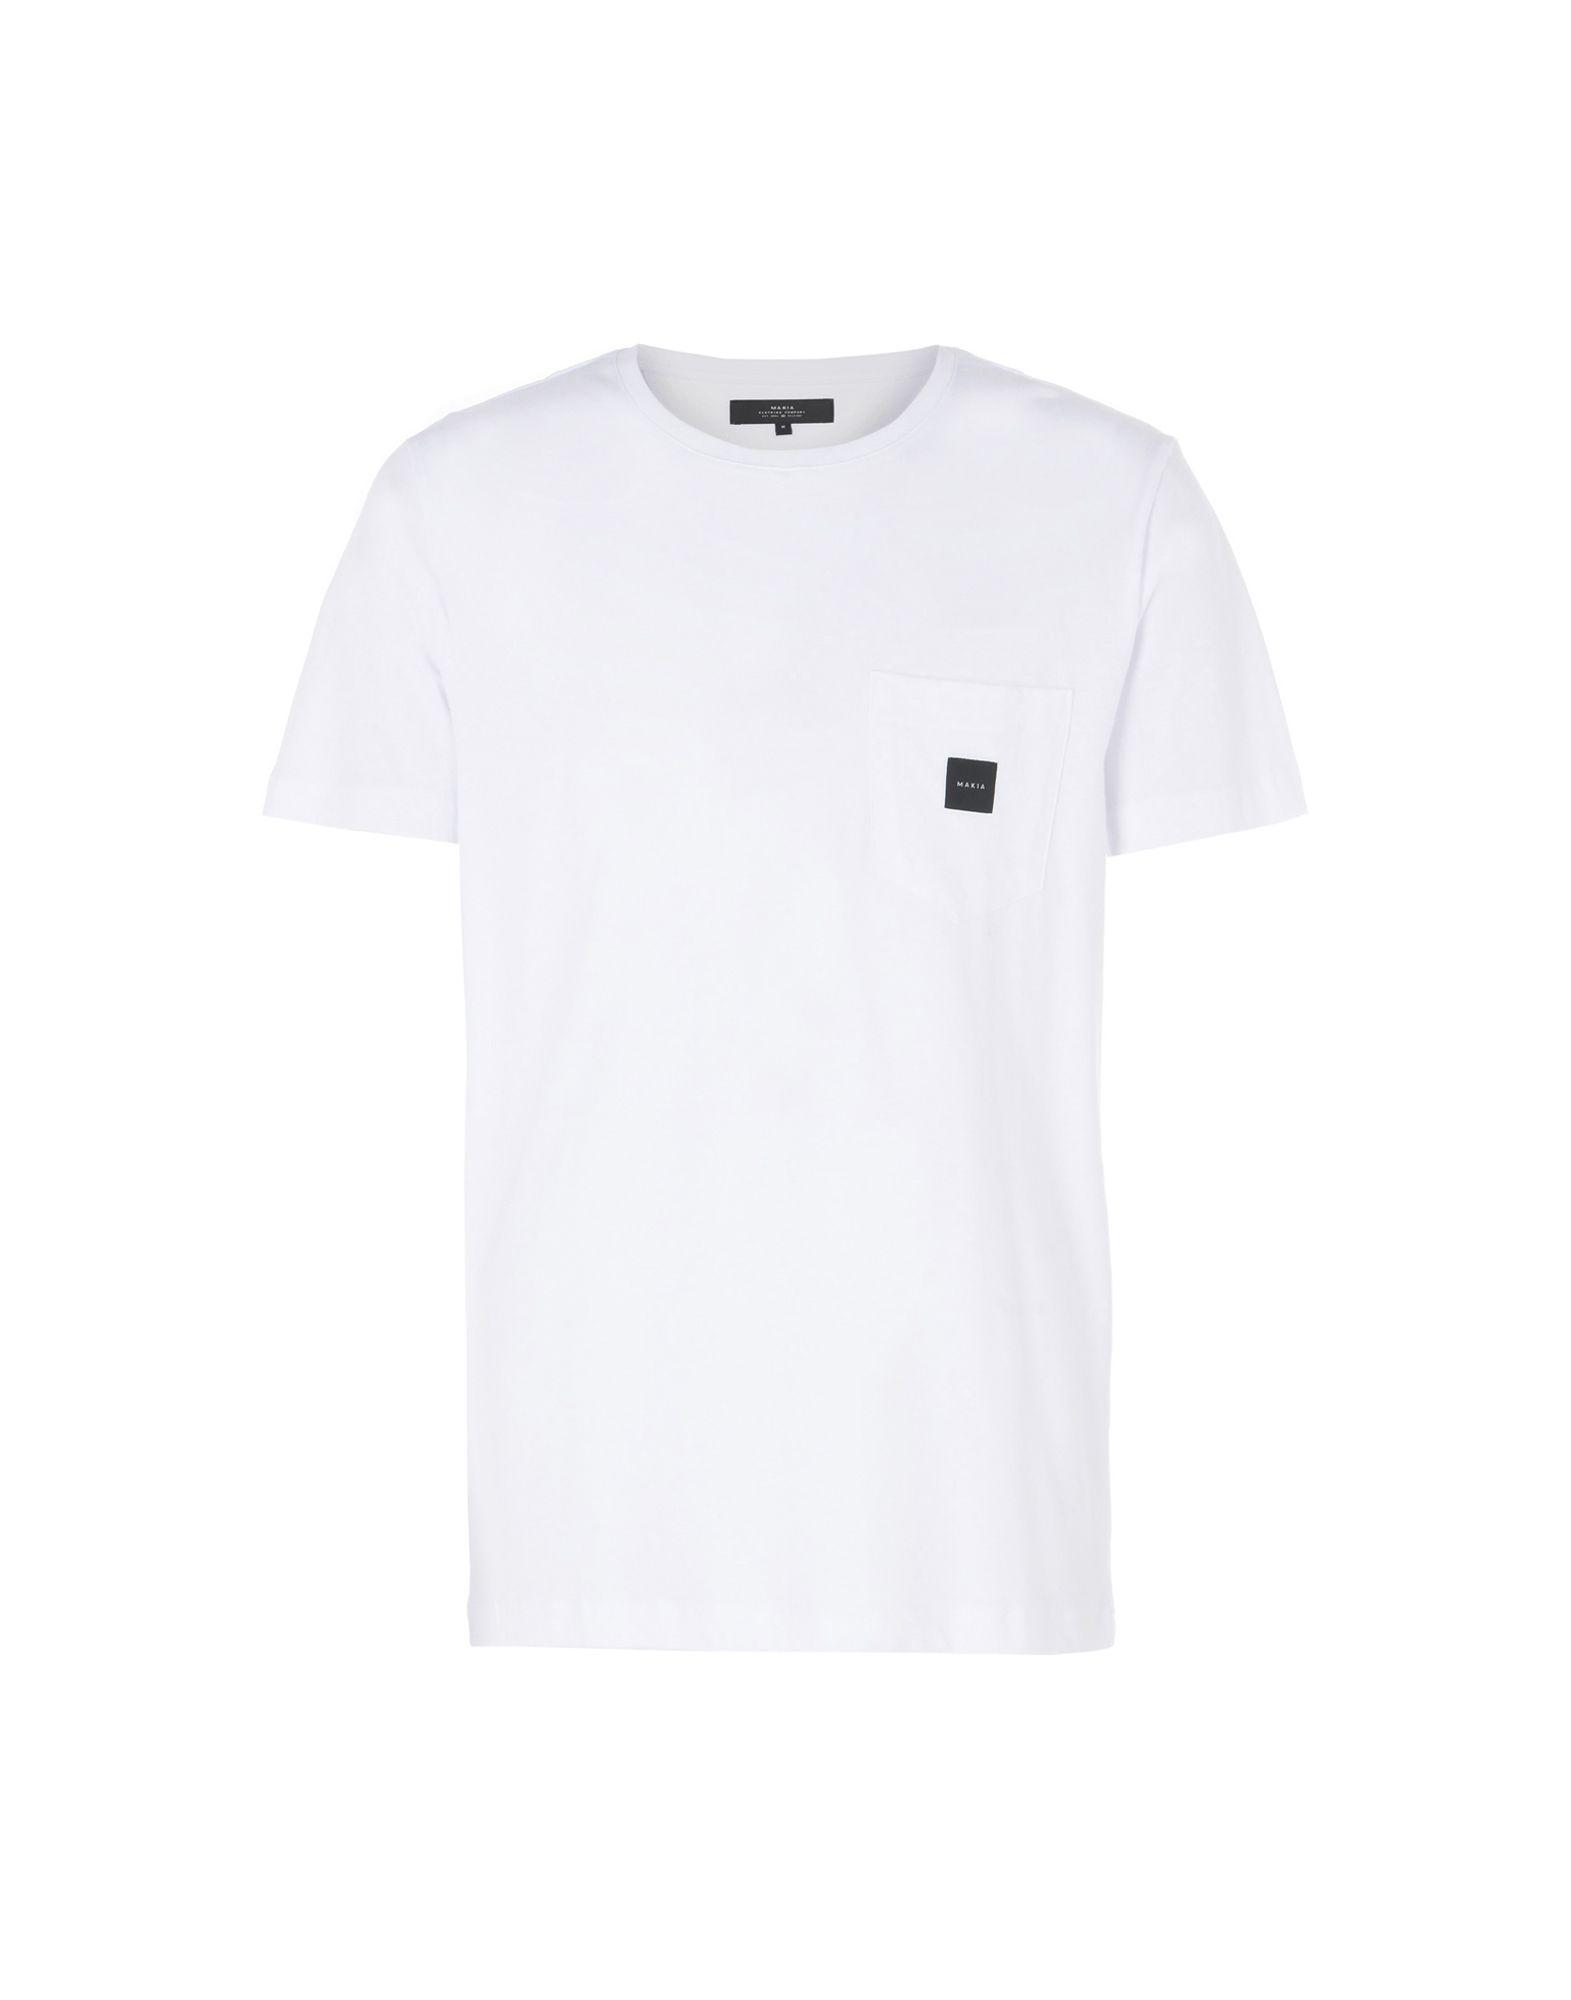 《送料無料》MAKIA メンズ T シャツ ホワイト S コットン 100% SQUARE POCKET T-SHIRT